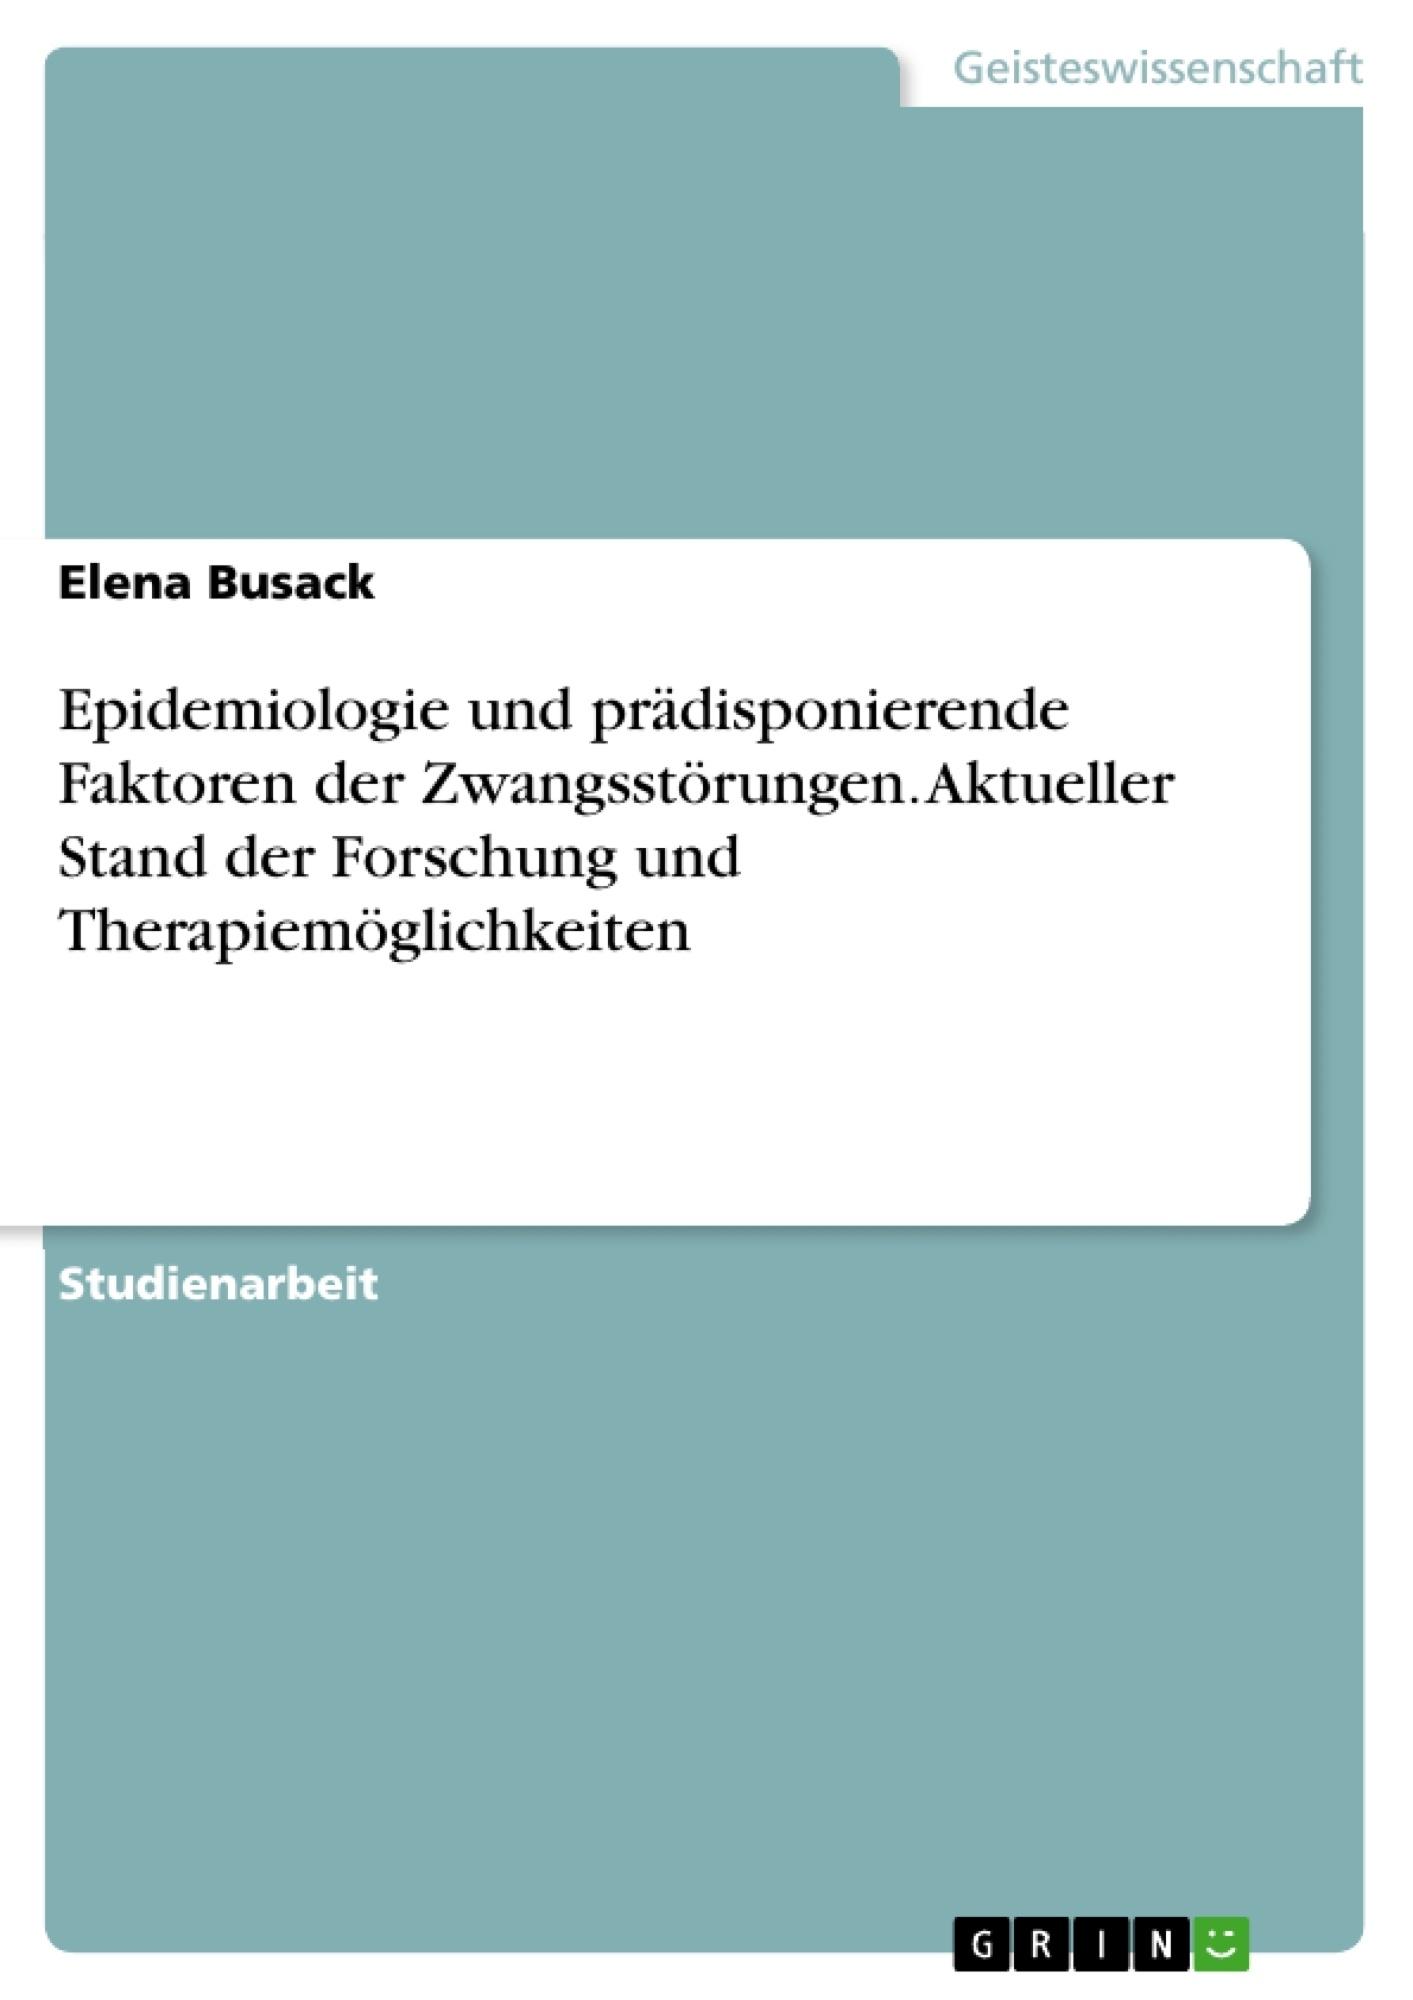 Titel: Epidemiologie und prädisponierende Faktoren der Zwangsstörungen. Aktueller Stand der Forschung und Therapiemöglichkeiten